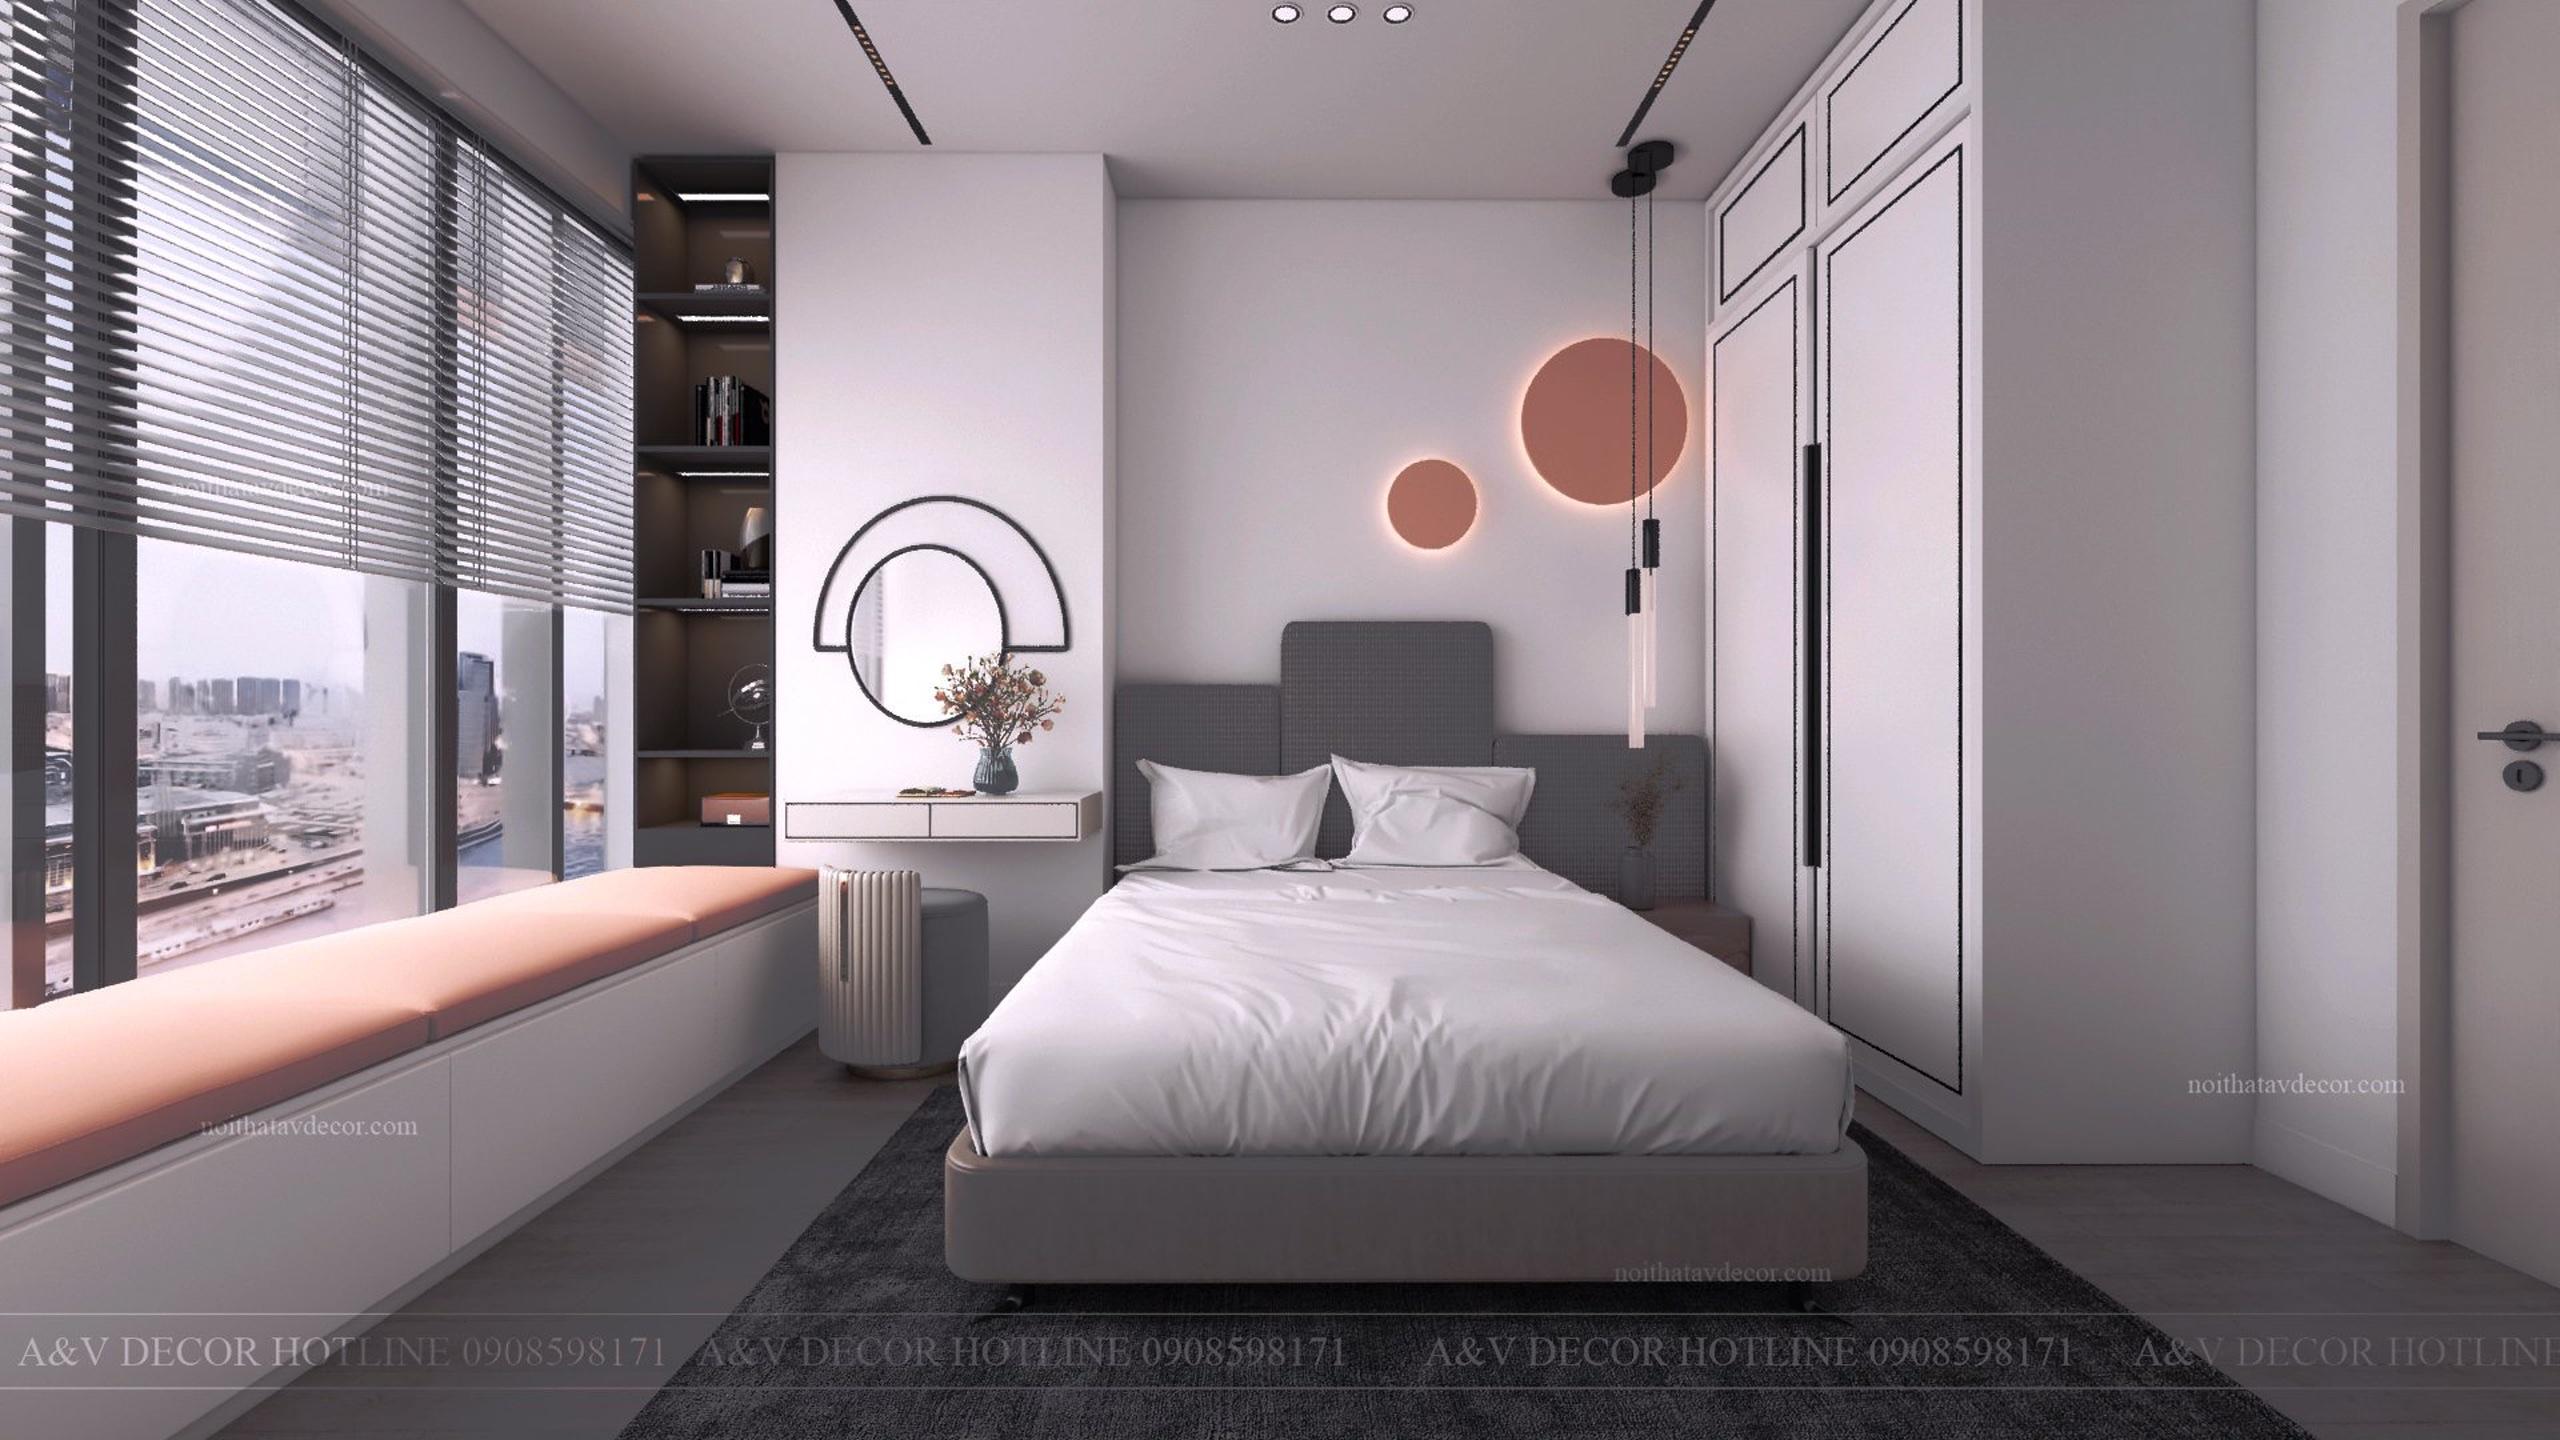 2bedrooms-for-rent-in-midtown (4)